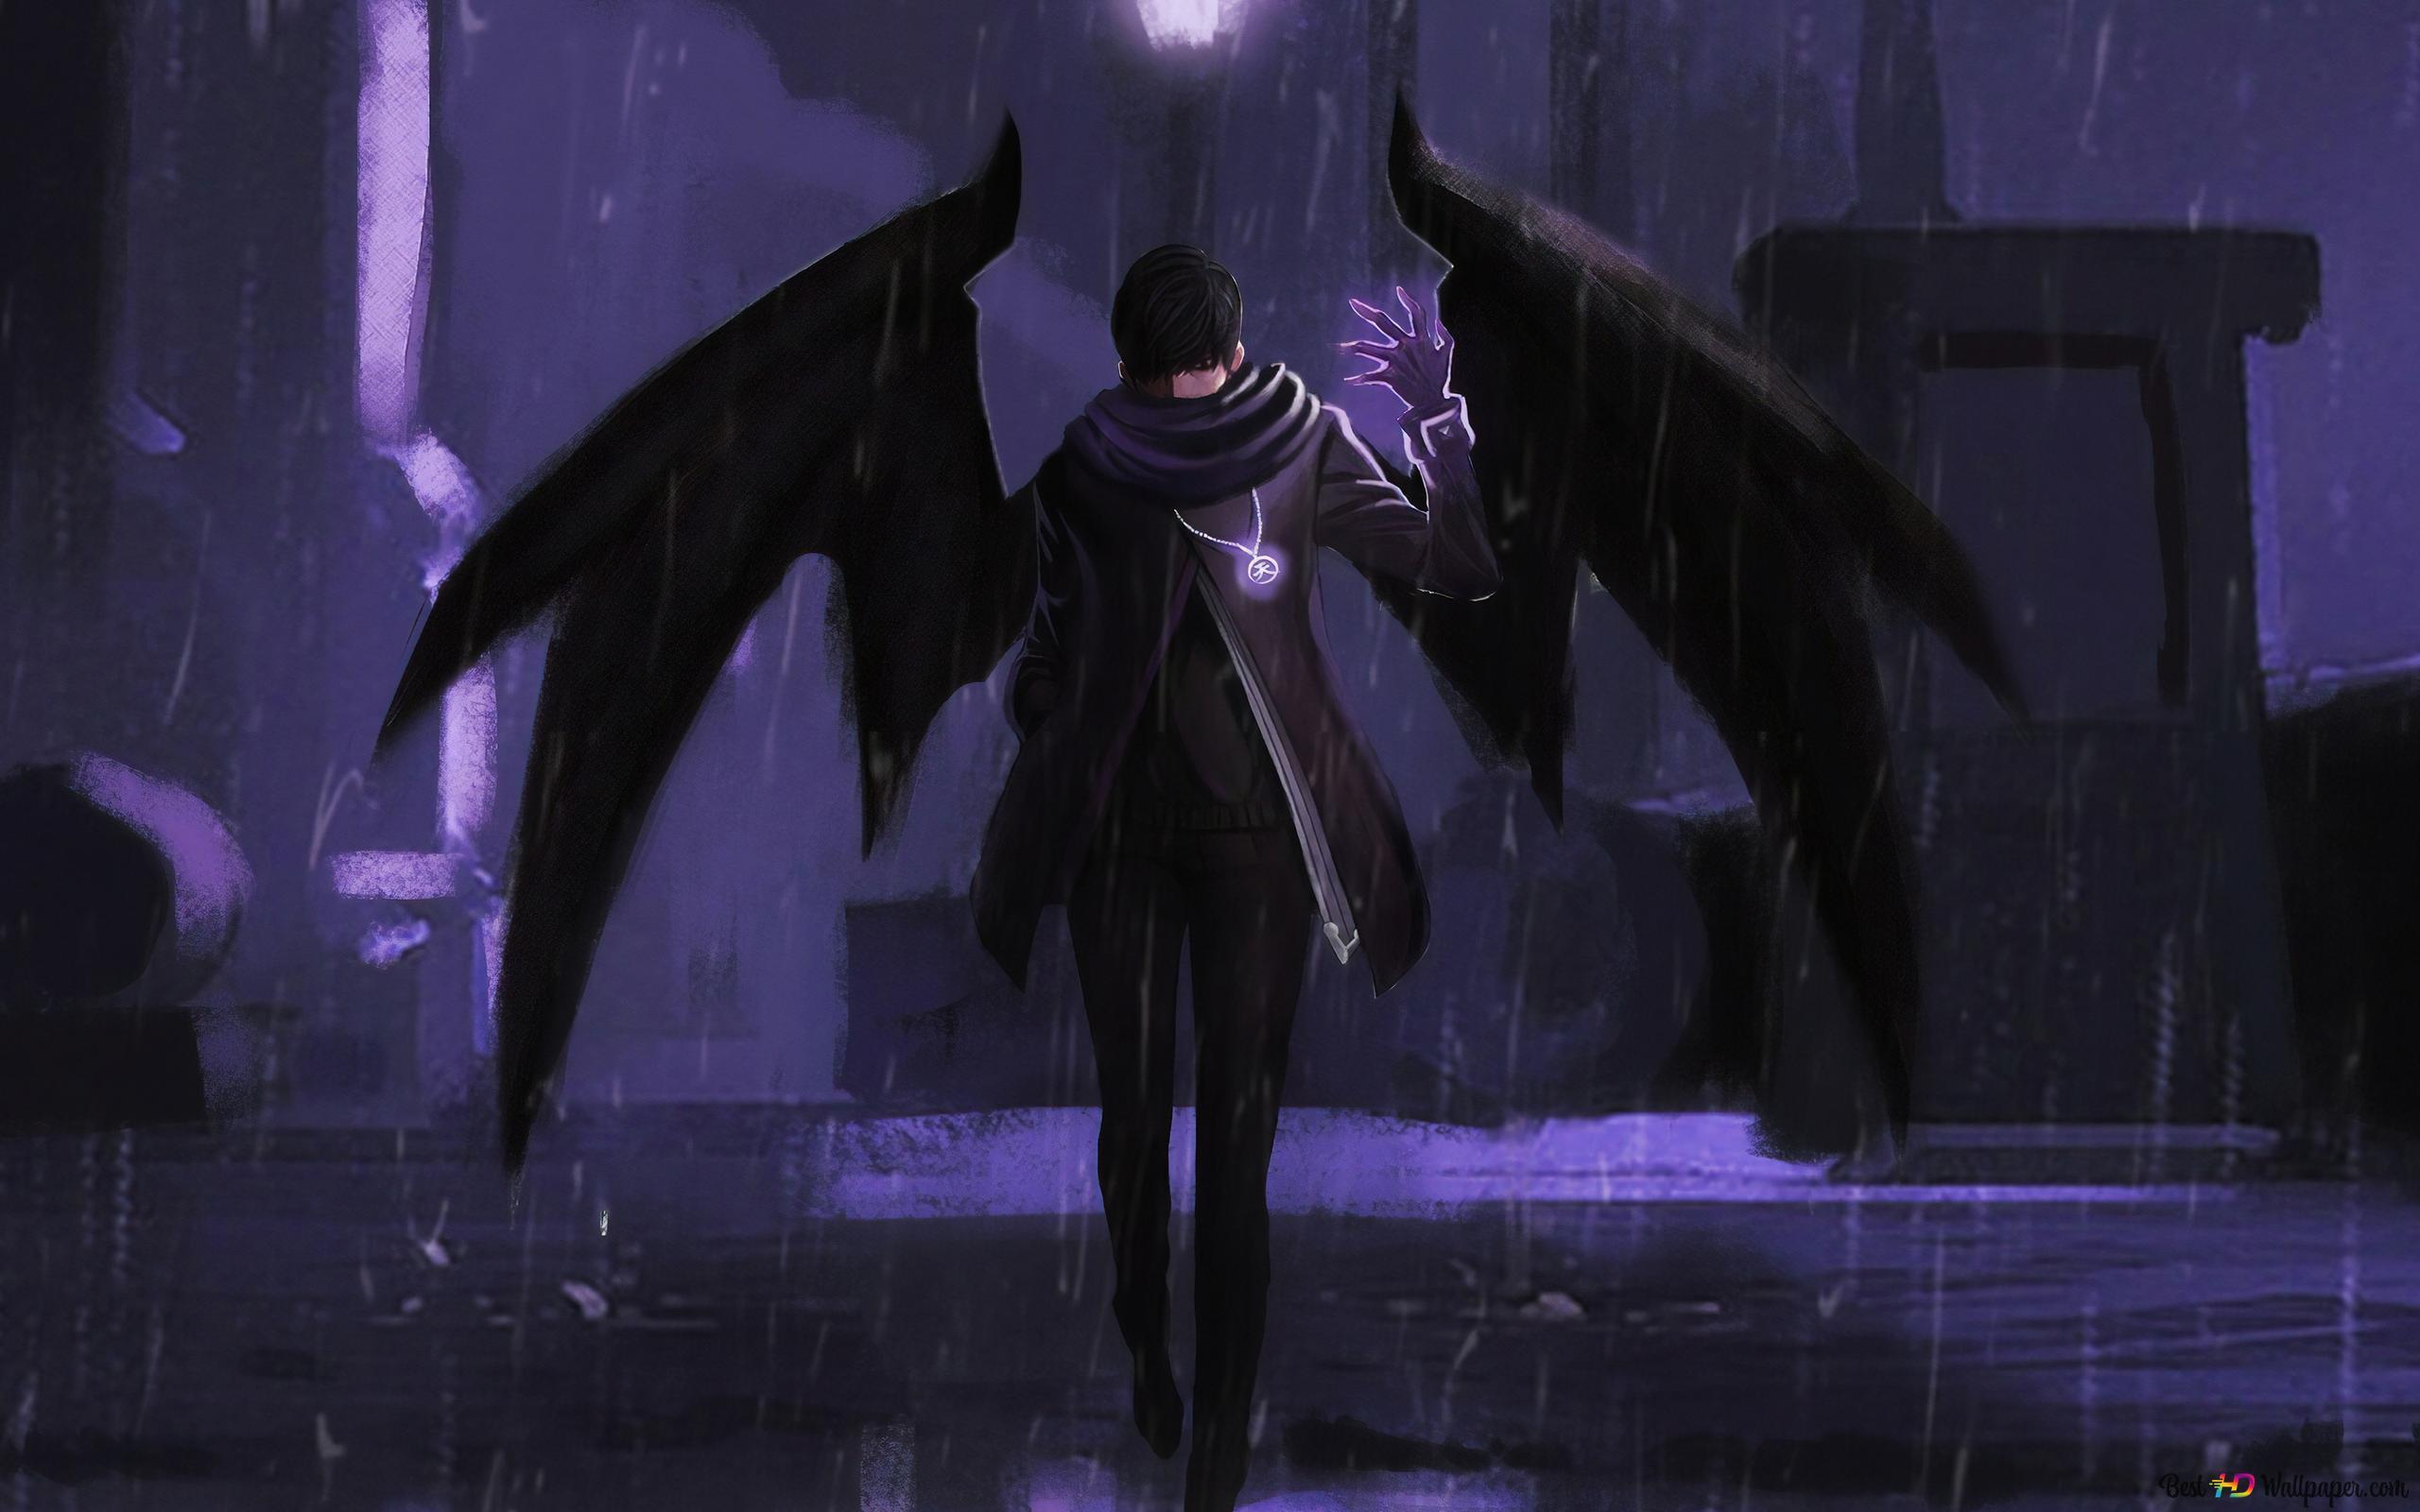 雨の夜の翼の悪魔 Hd壁紙のダウンロード